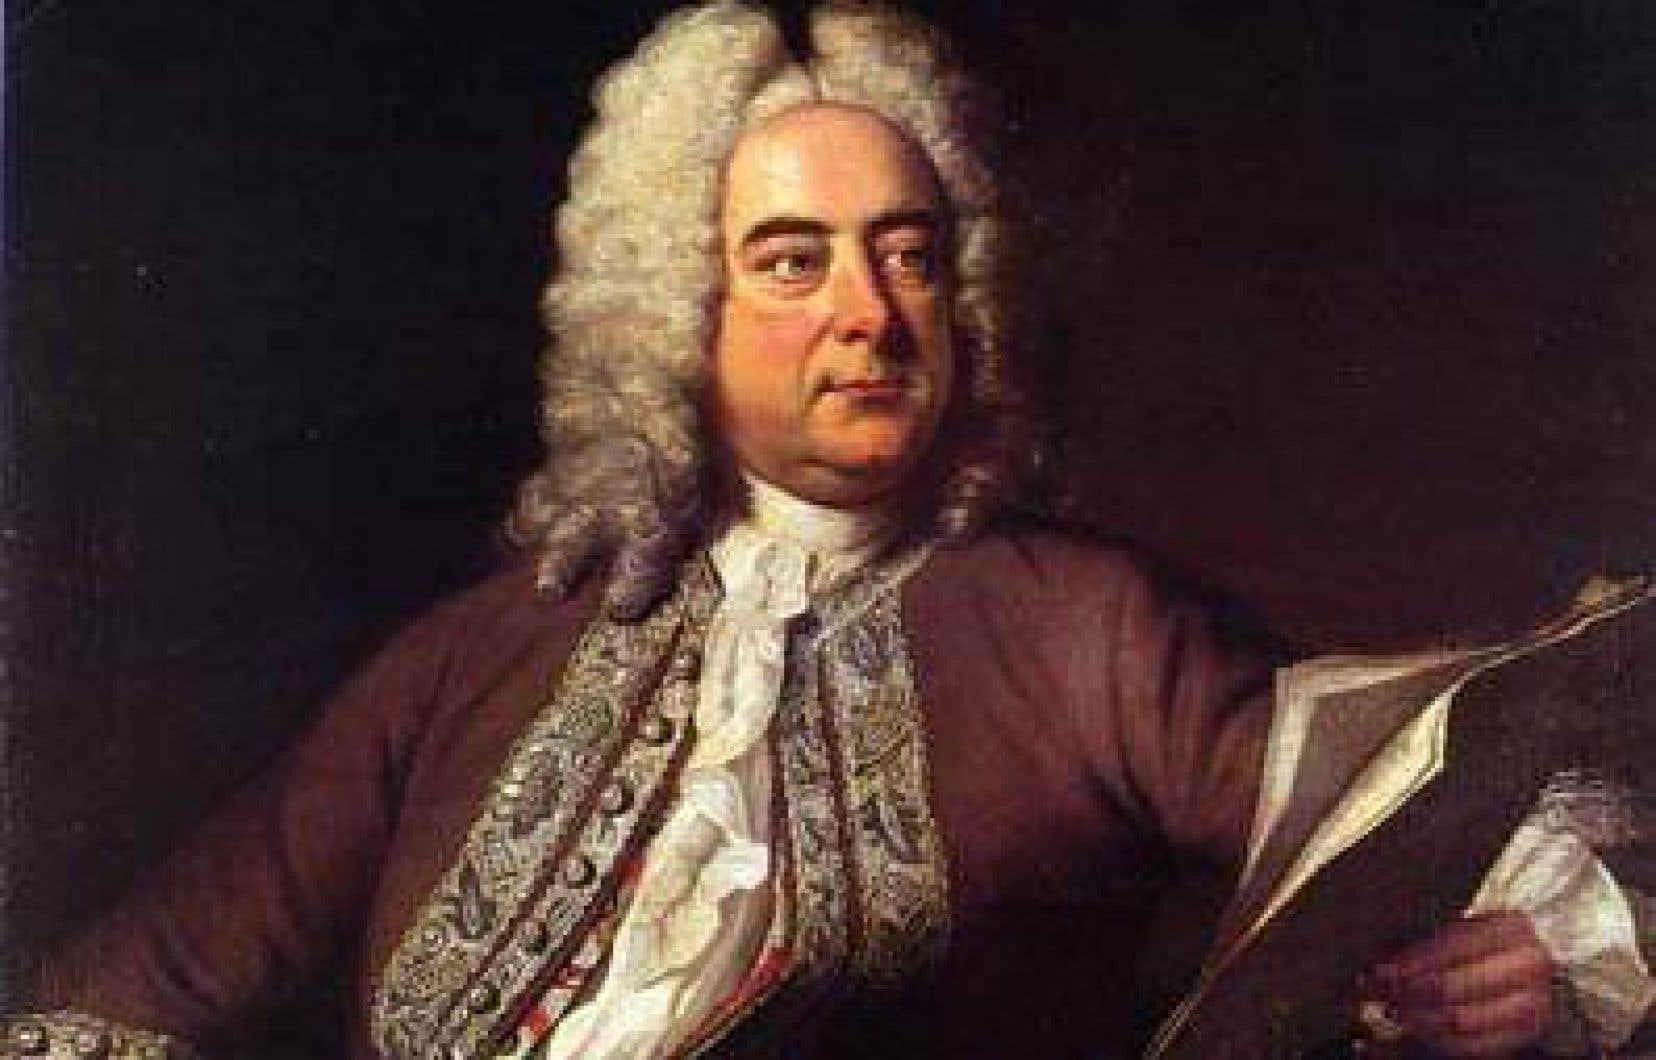 Cette édition du festival se concentre sur le compositeur Georg Friedrich Händel.